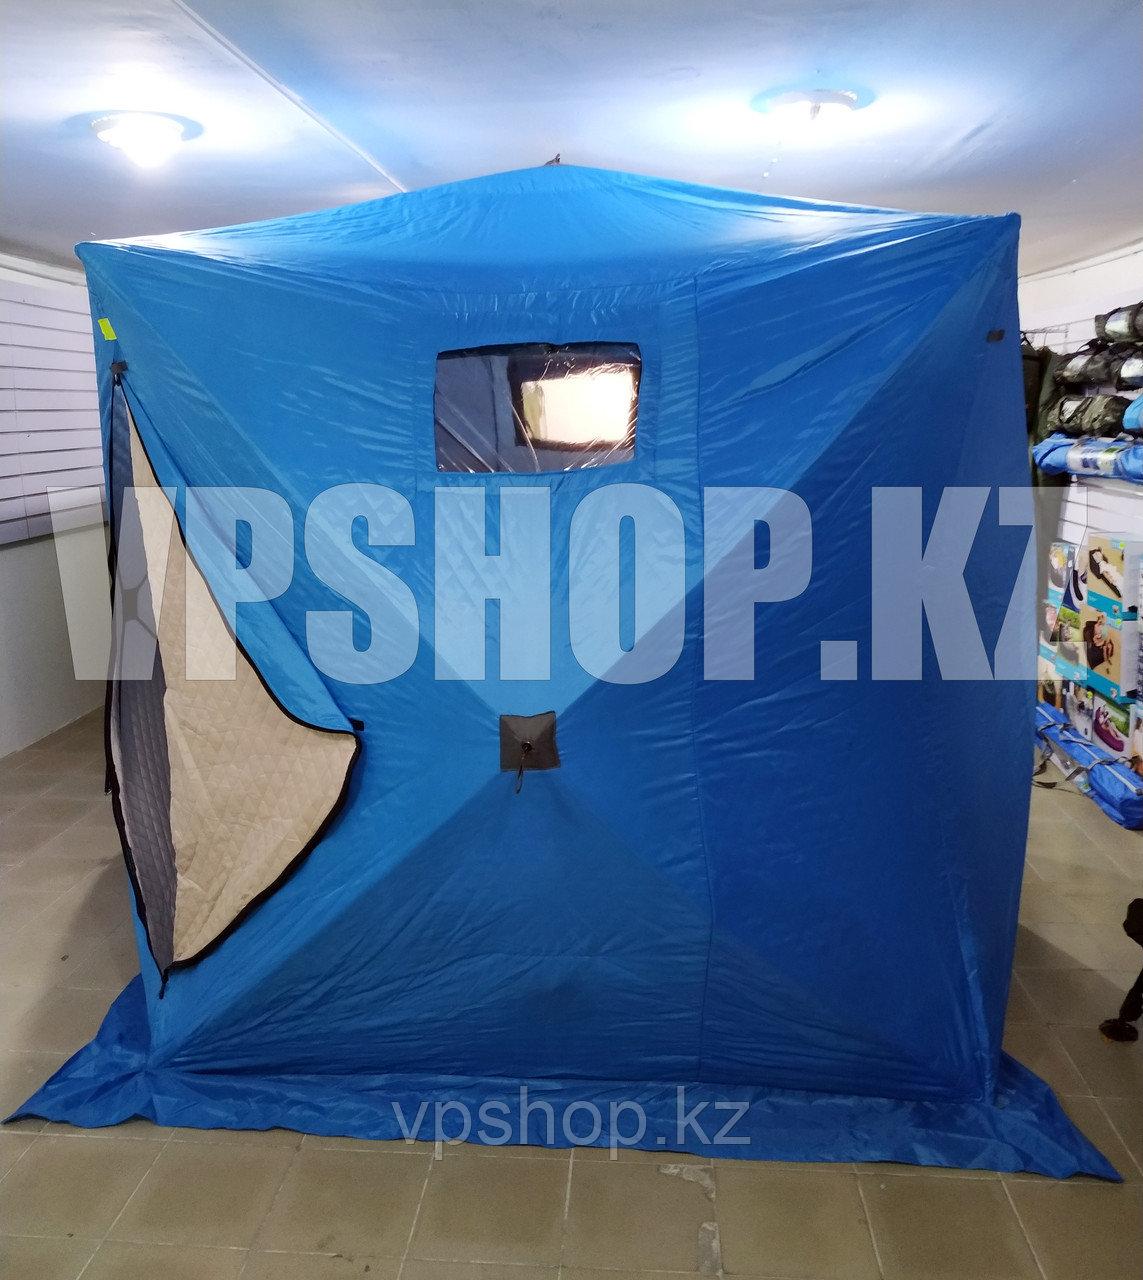 Зимняя палаткакуб 3 с синтепоном, трехслойная 220х220х215 см, доставка